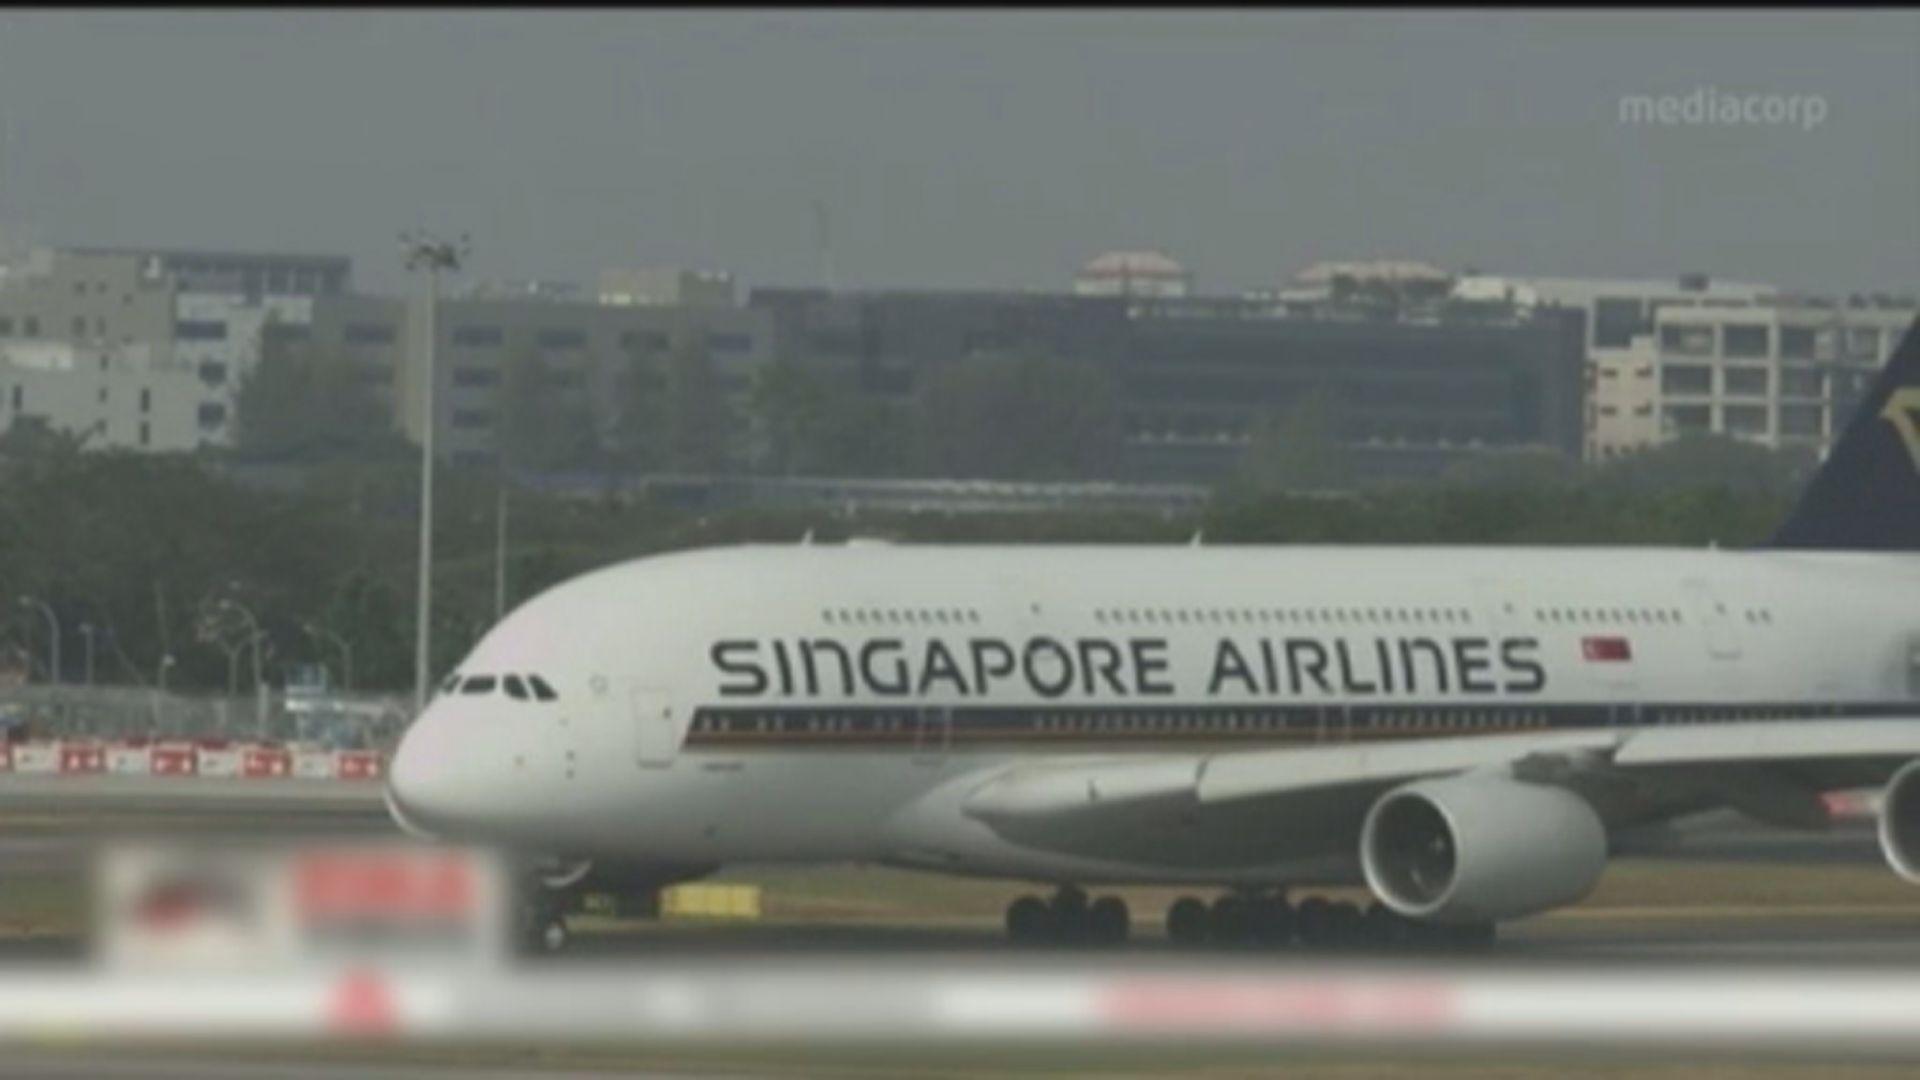 【環球薈報】新加坡直飛紐約航線重新運作